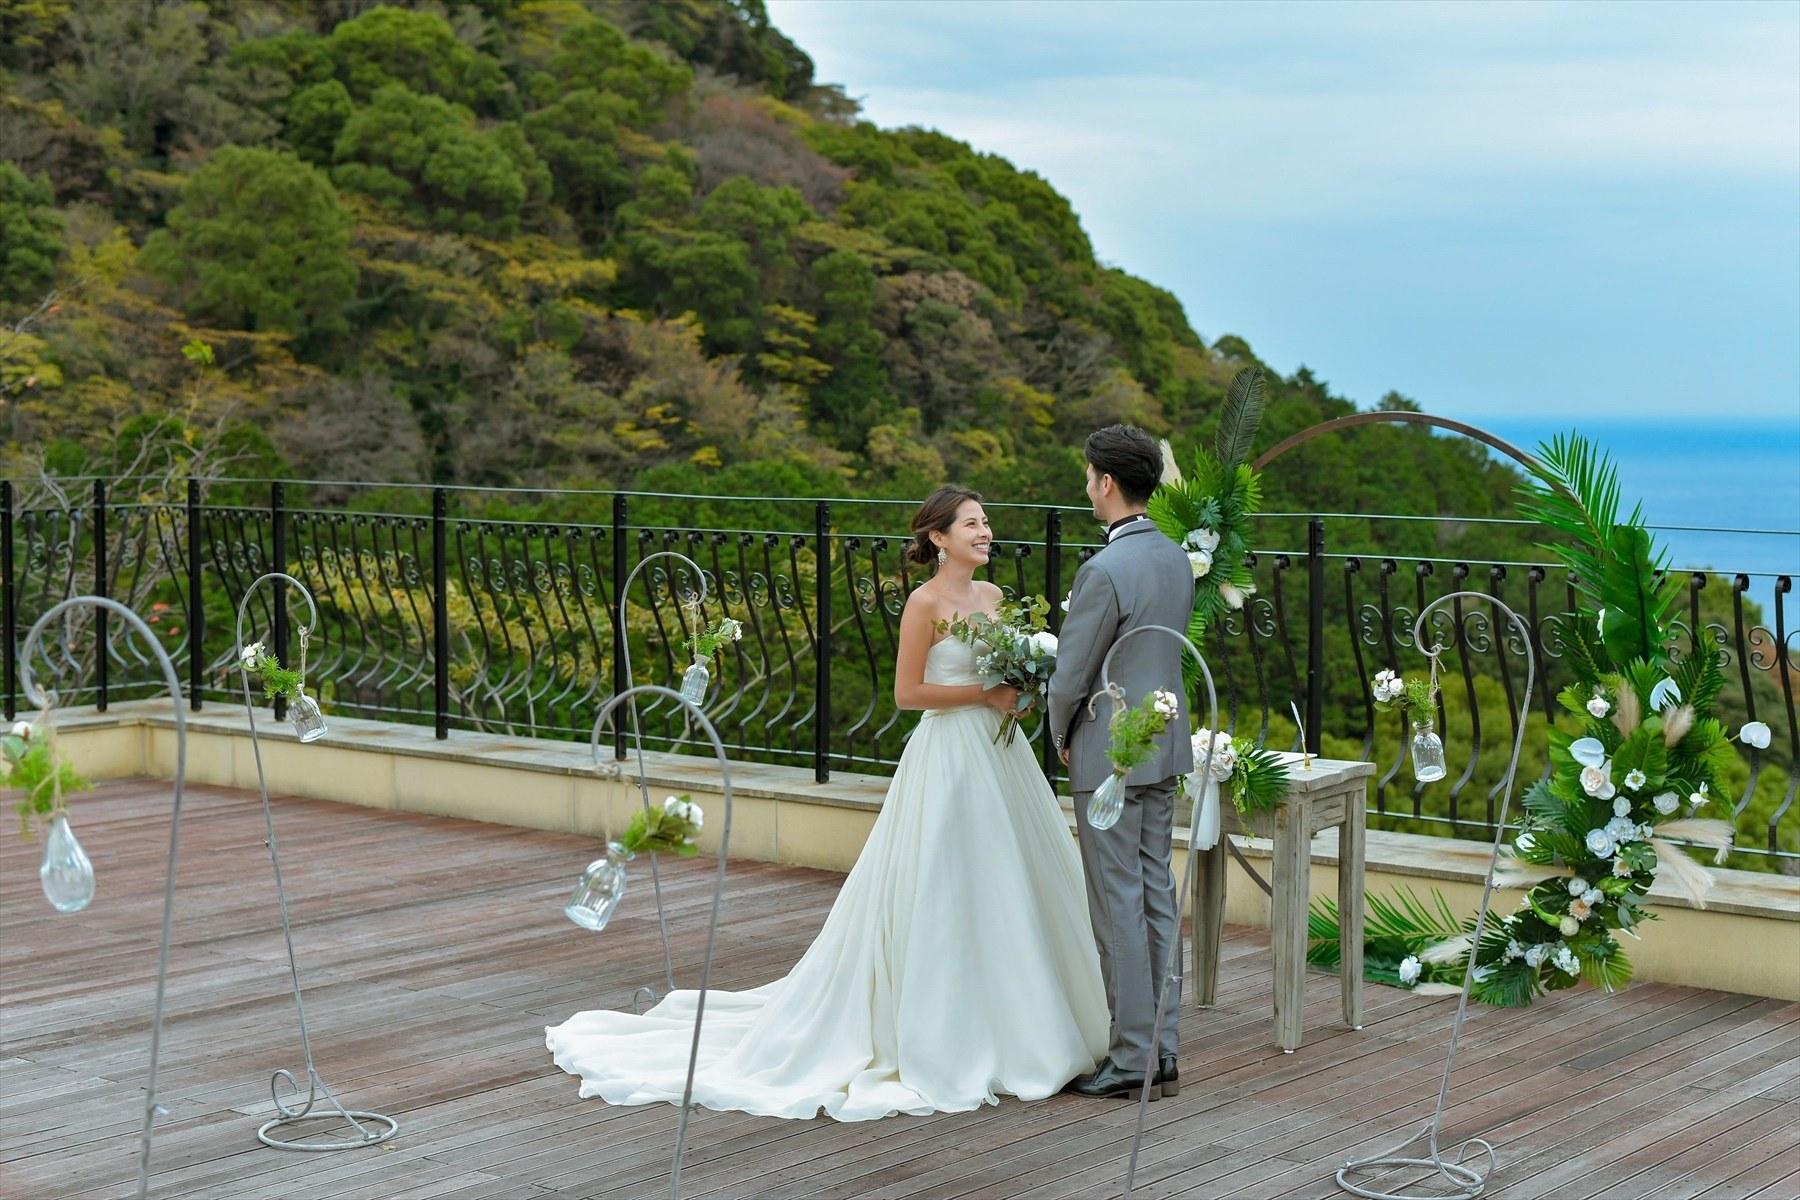 静岡熱海一軒家貸切結婚式 熱海ウェディングフォト撮影 熱海スパ&リゾート